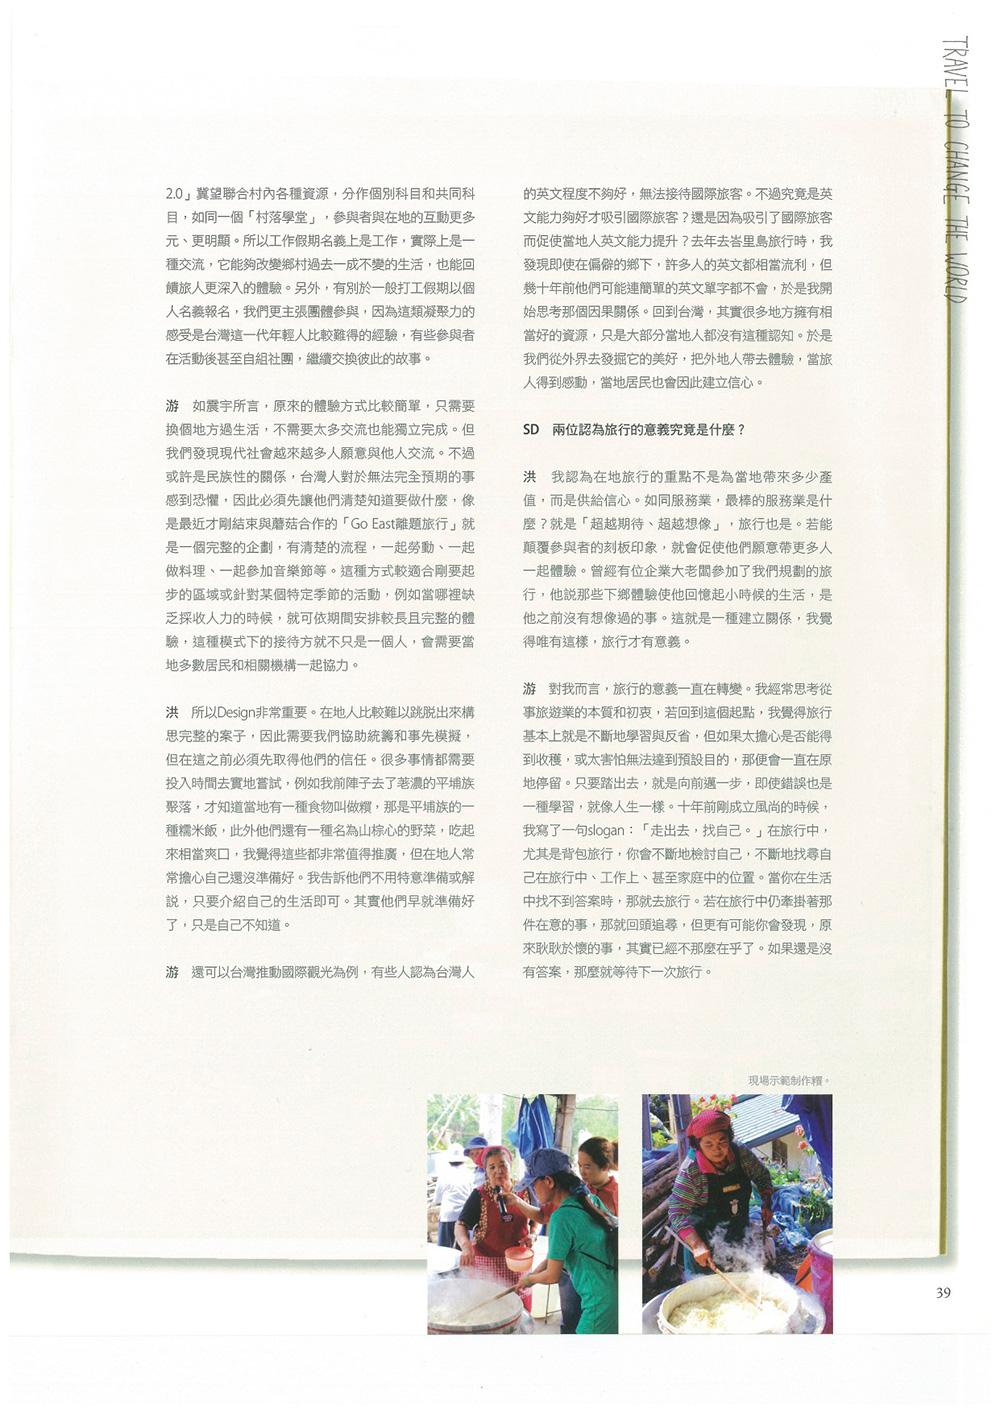 shopping-design-no.66-04